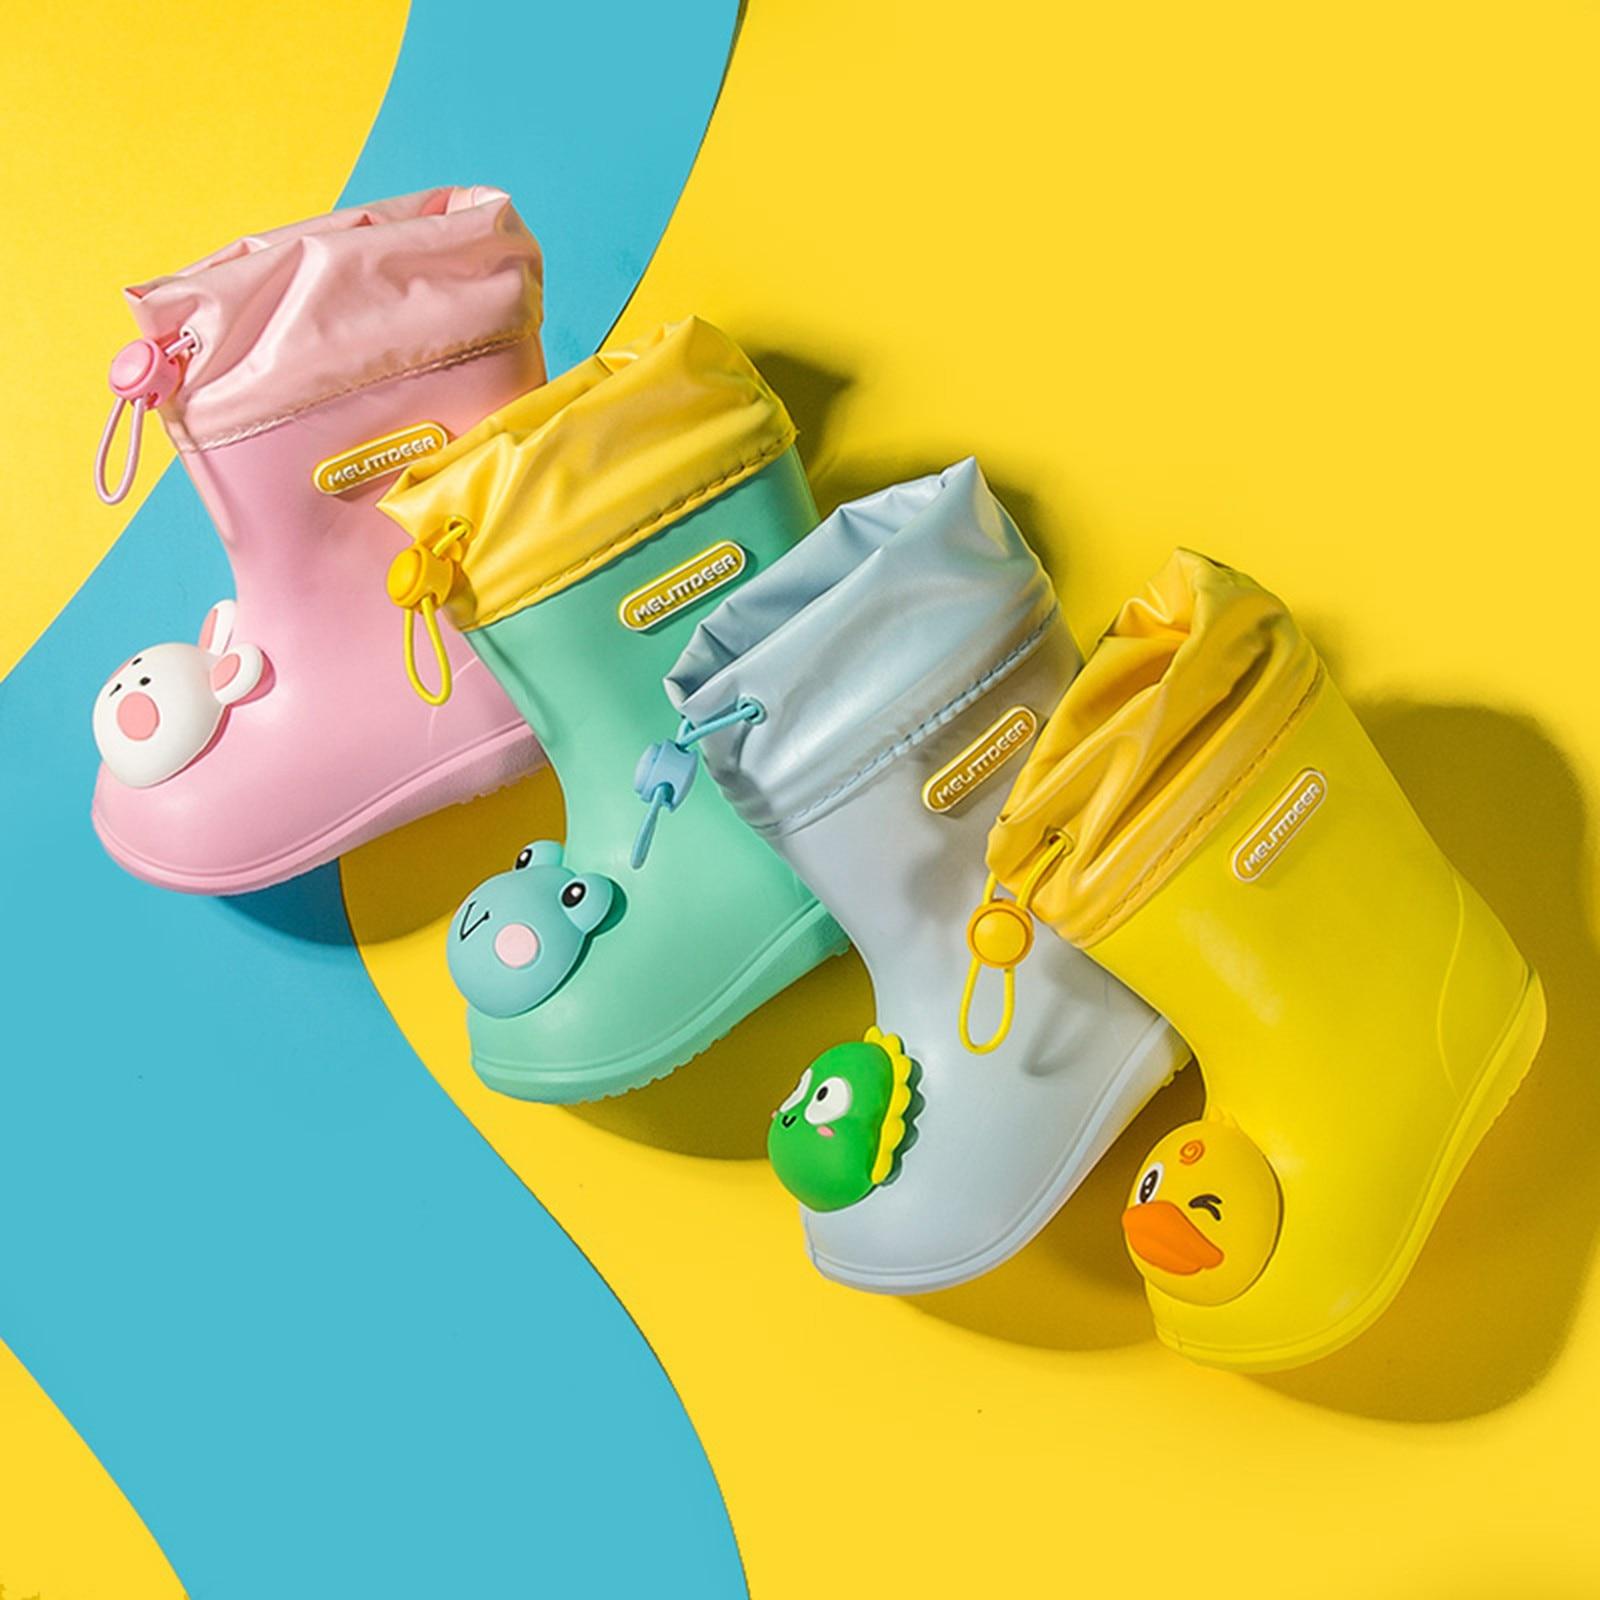 Bota infantil antiderrapante de pvc, calçado impermeável